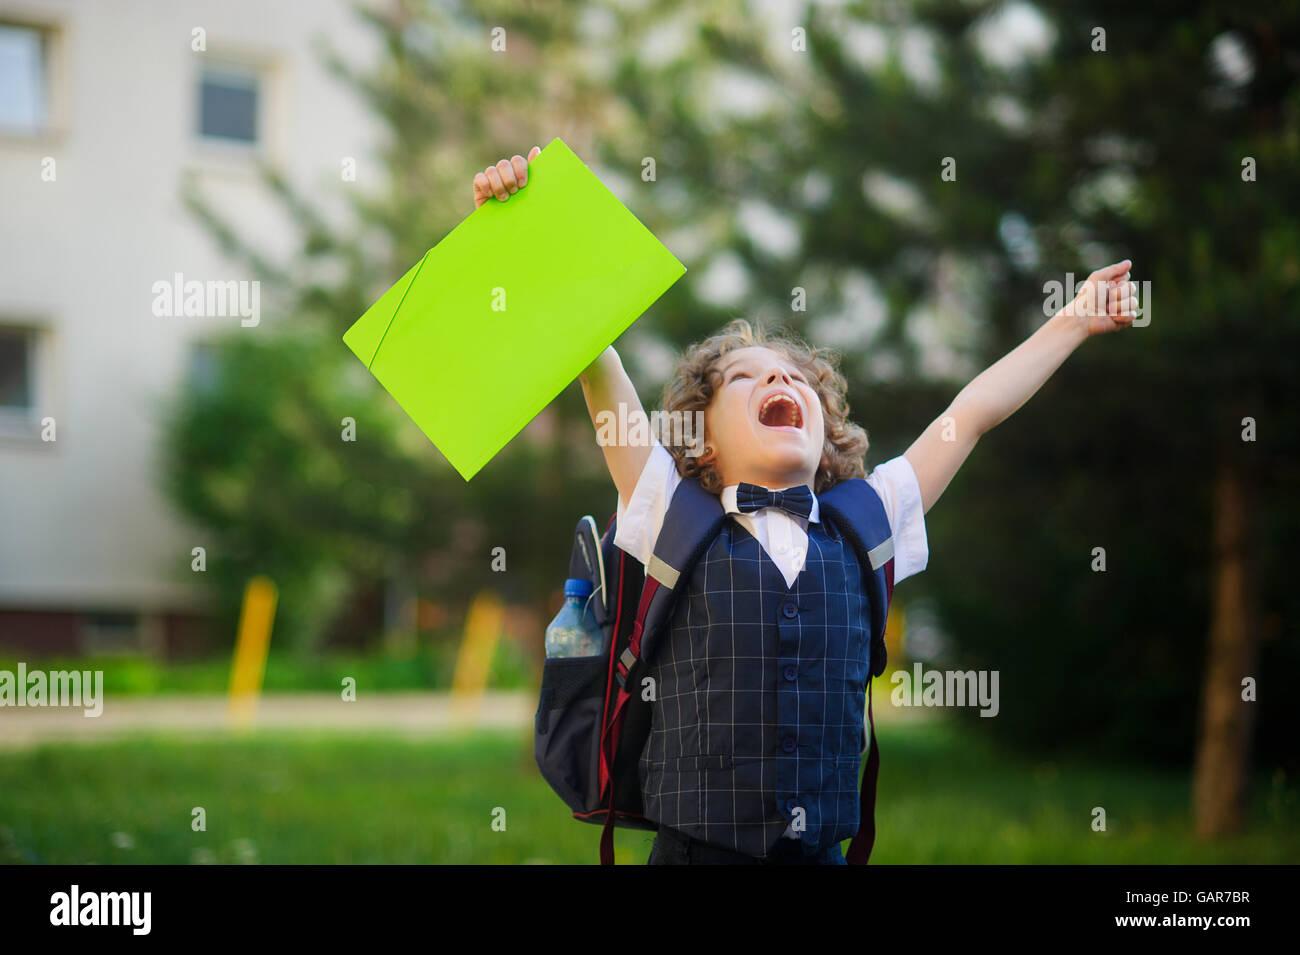 Il scolaro molto arrabbiato. Il ragazzo alzò entrambe le mani e rinserrata i pugni. Egli guardò verso Immagini Stock